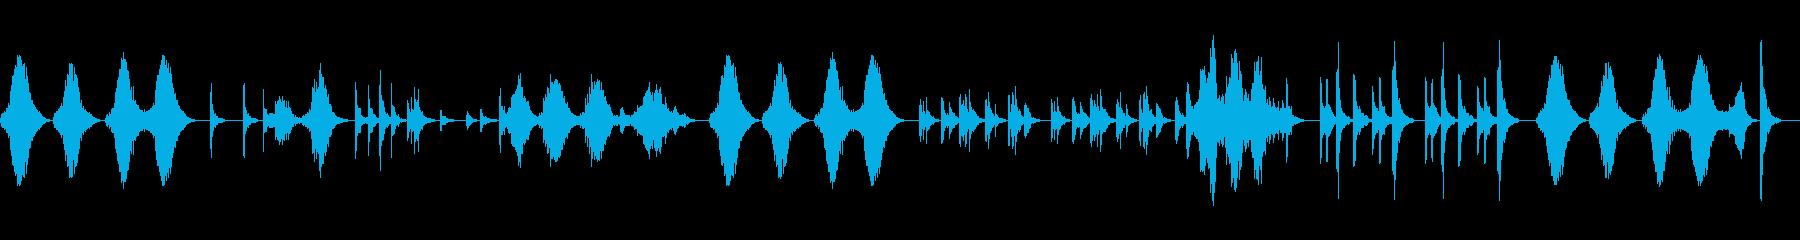 マリンバで癒しの空間を作りますの再生済みの波形